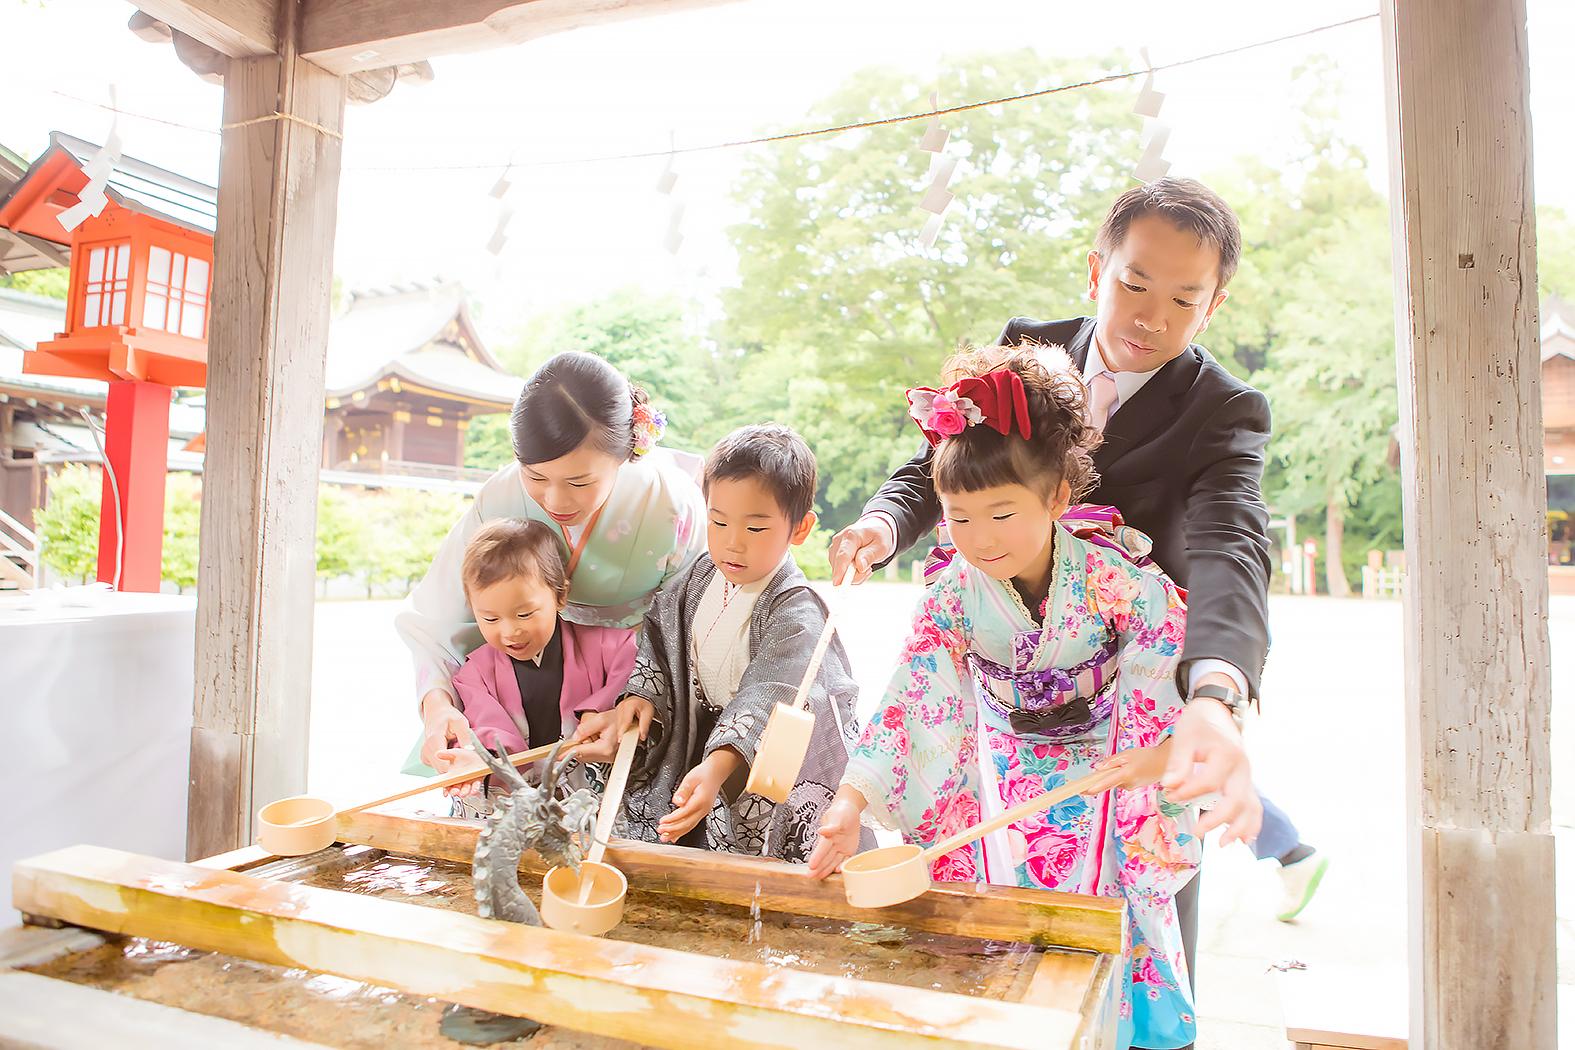 七五三,7歳5歳,着物,姉弟,神社,ロケ,外出,お参り,家族写真